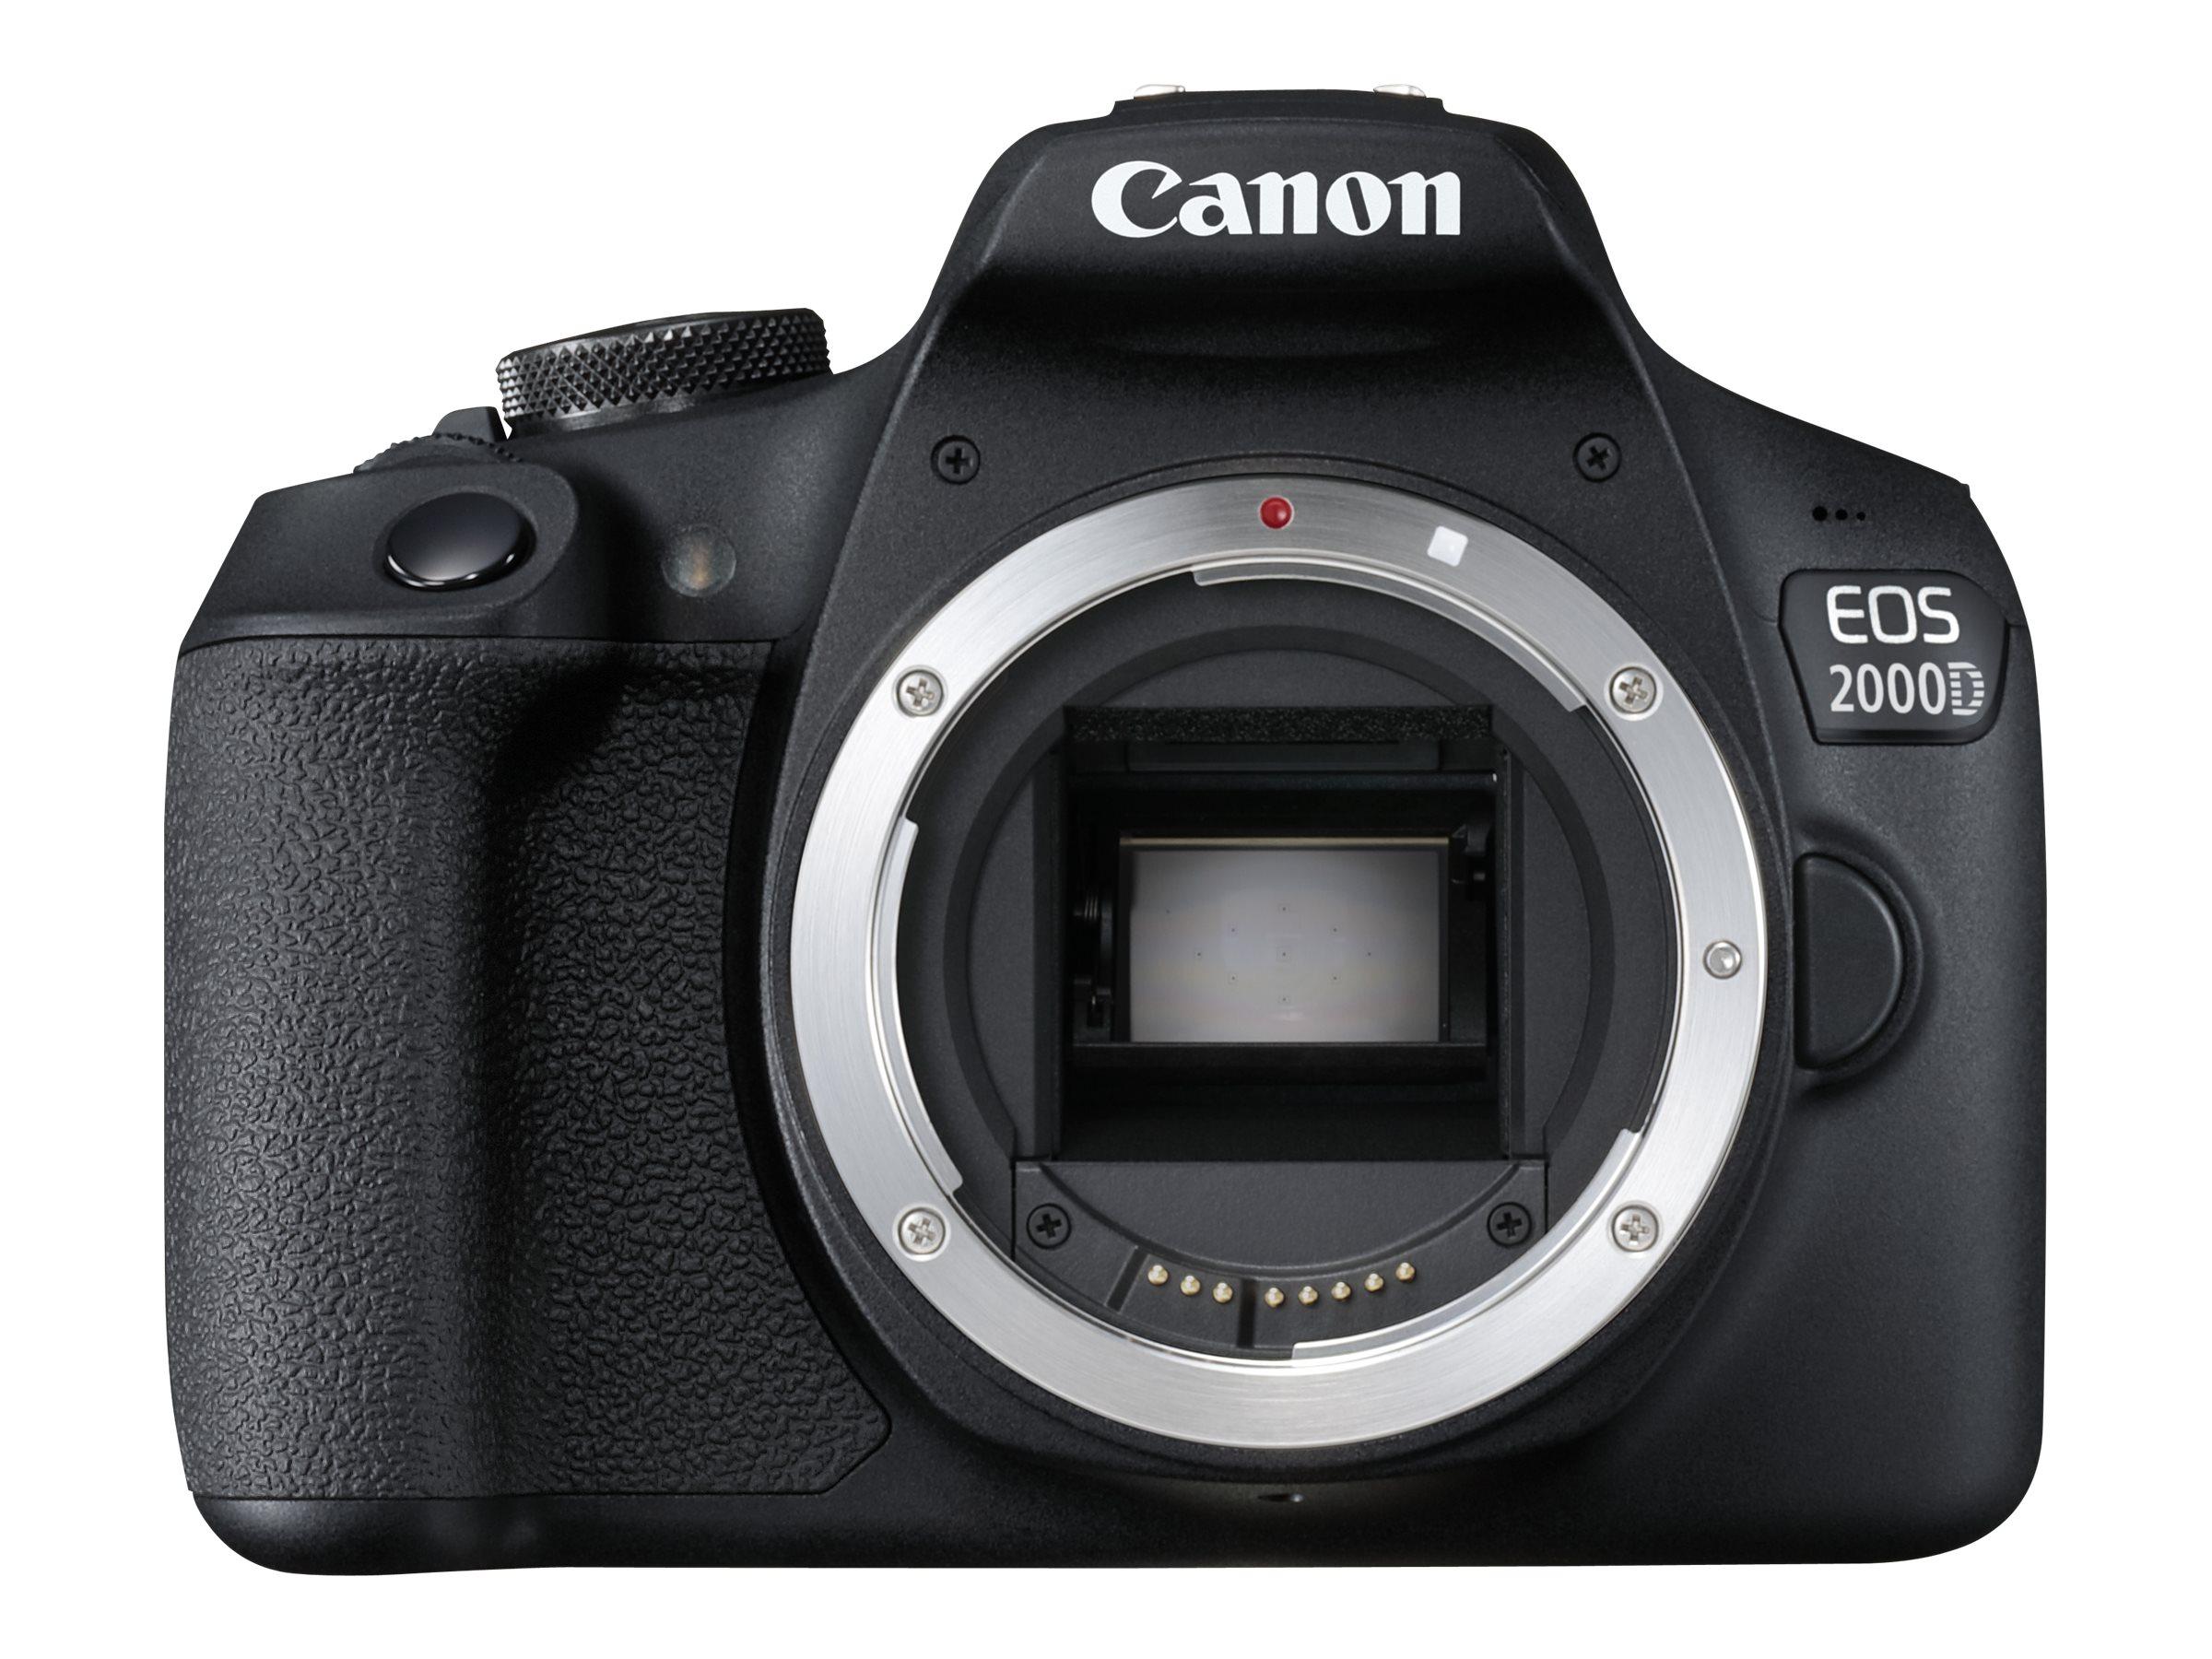 Canon EOS 2000D - Digitalkamera - SLR - 24.1 MPix - APS-C - 1080p / 30 BpS